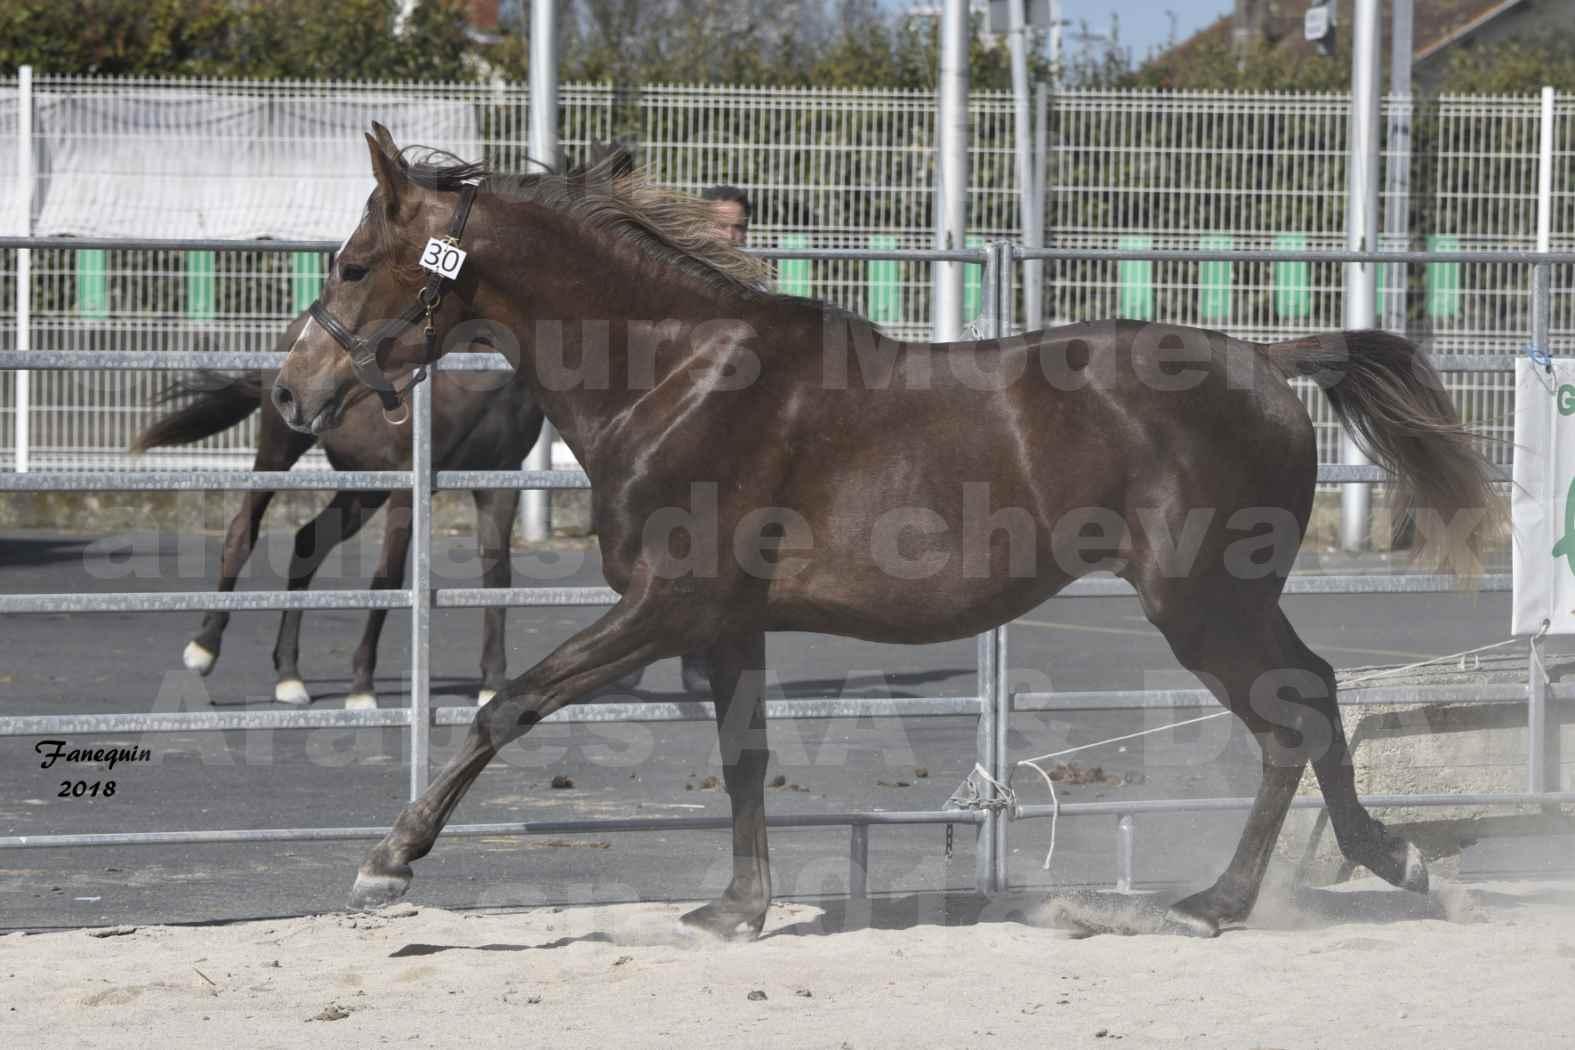 Concours d'élevage de Chevaux Arabes - D S A - A A - ALBI les 6 & 7 Avril 2018 - DJAHM AL MOUNJOYE - Notre Sélection - 3